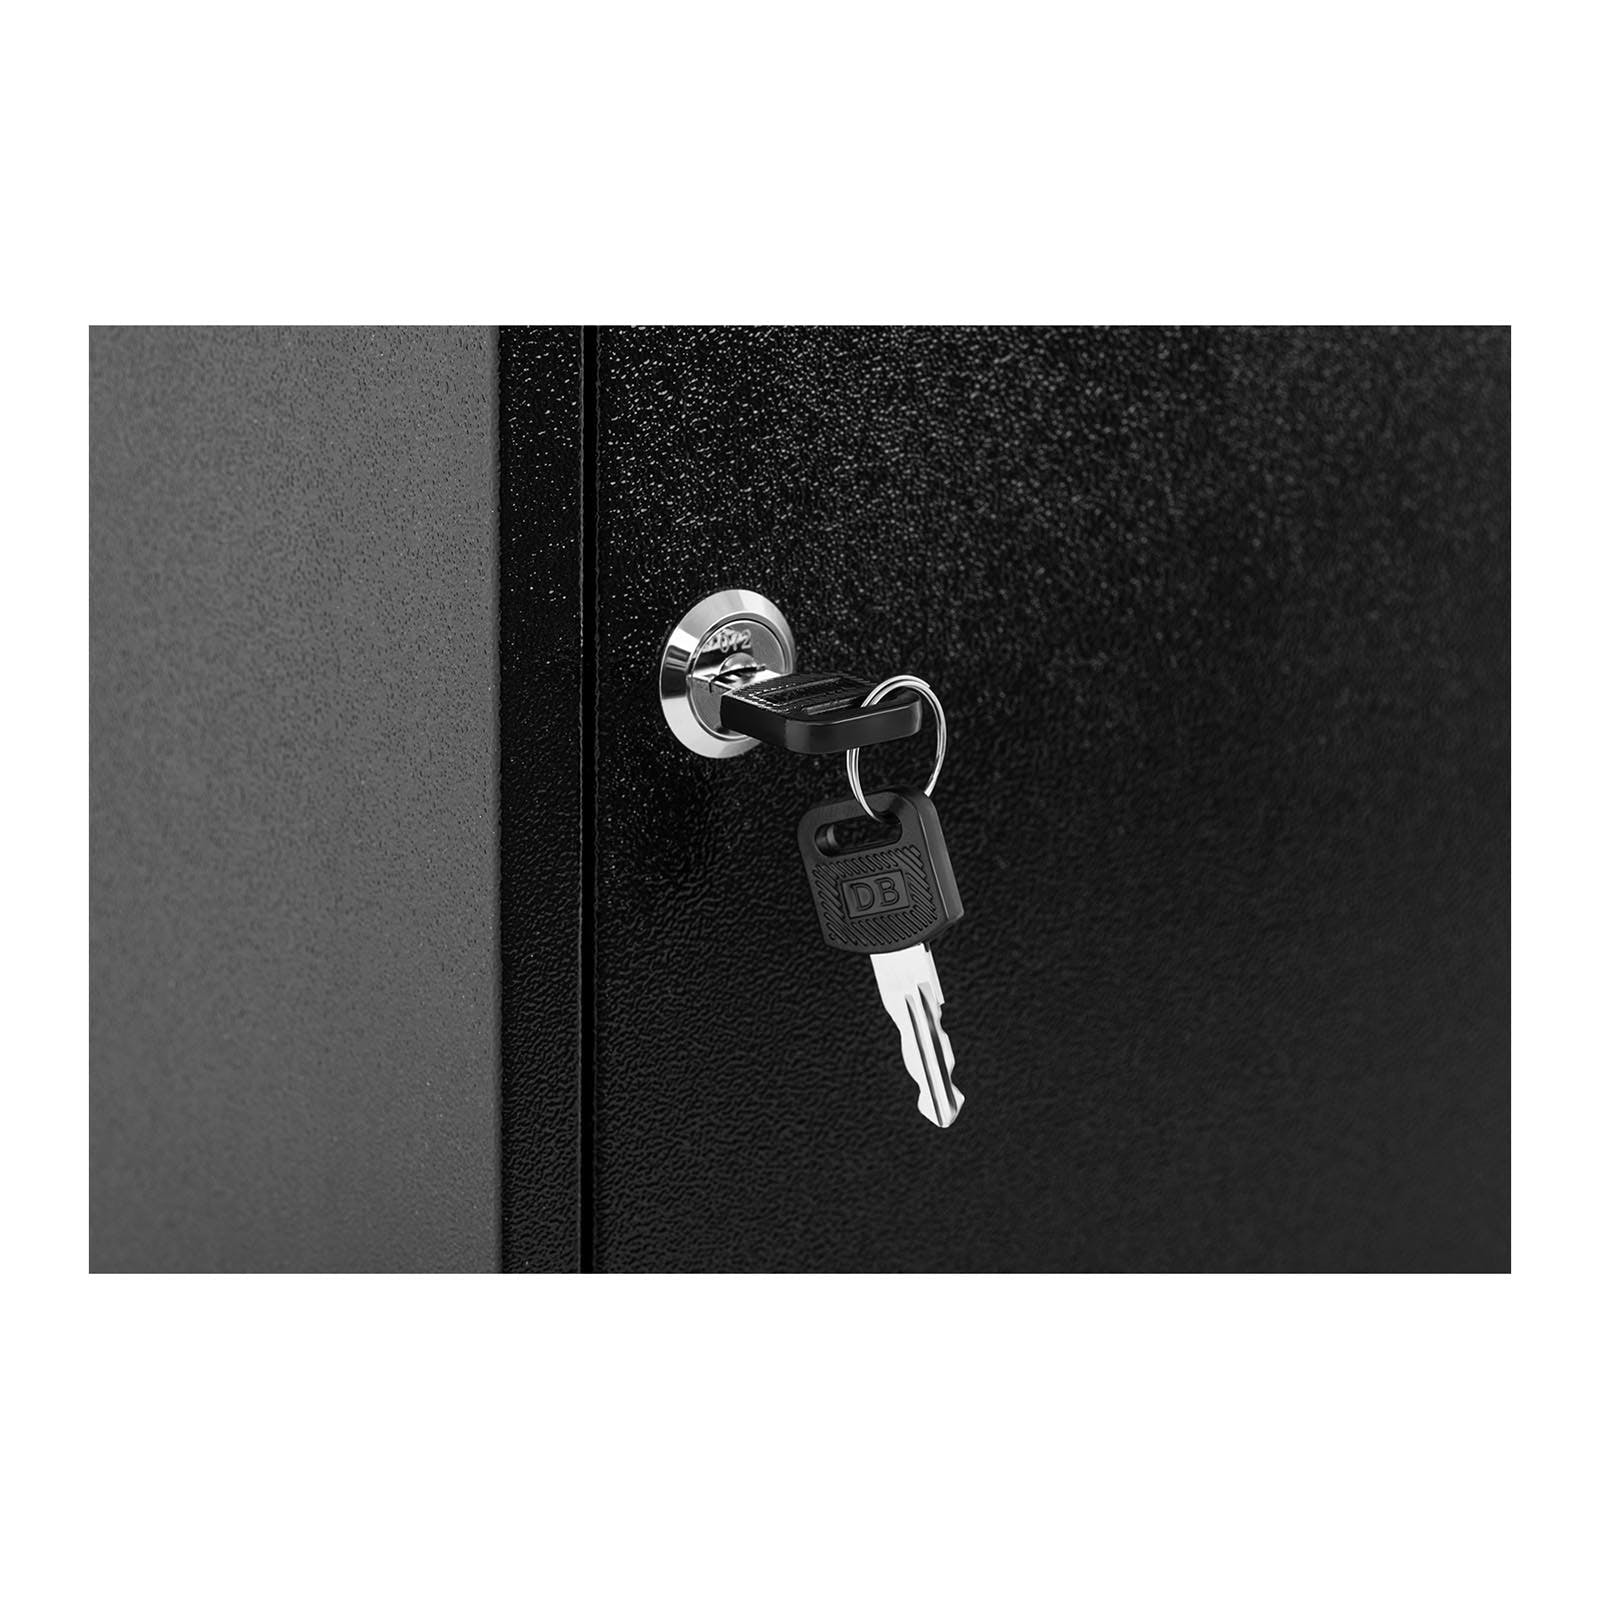 Schlüsselkasten Schlüsselbox High Security für 150 Schlüssel mit Anhänger grau